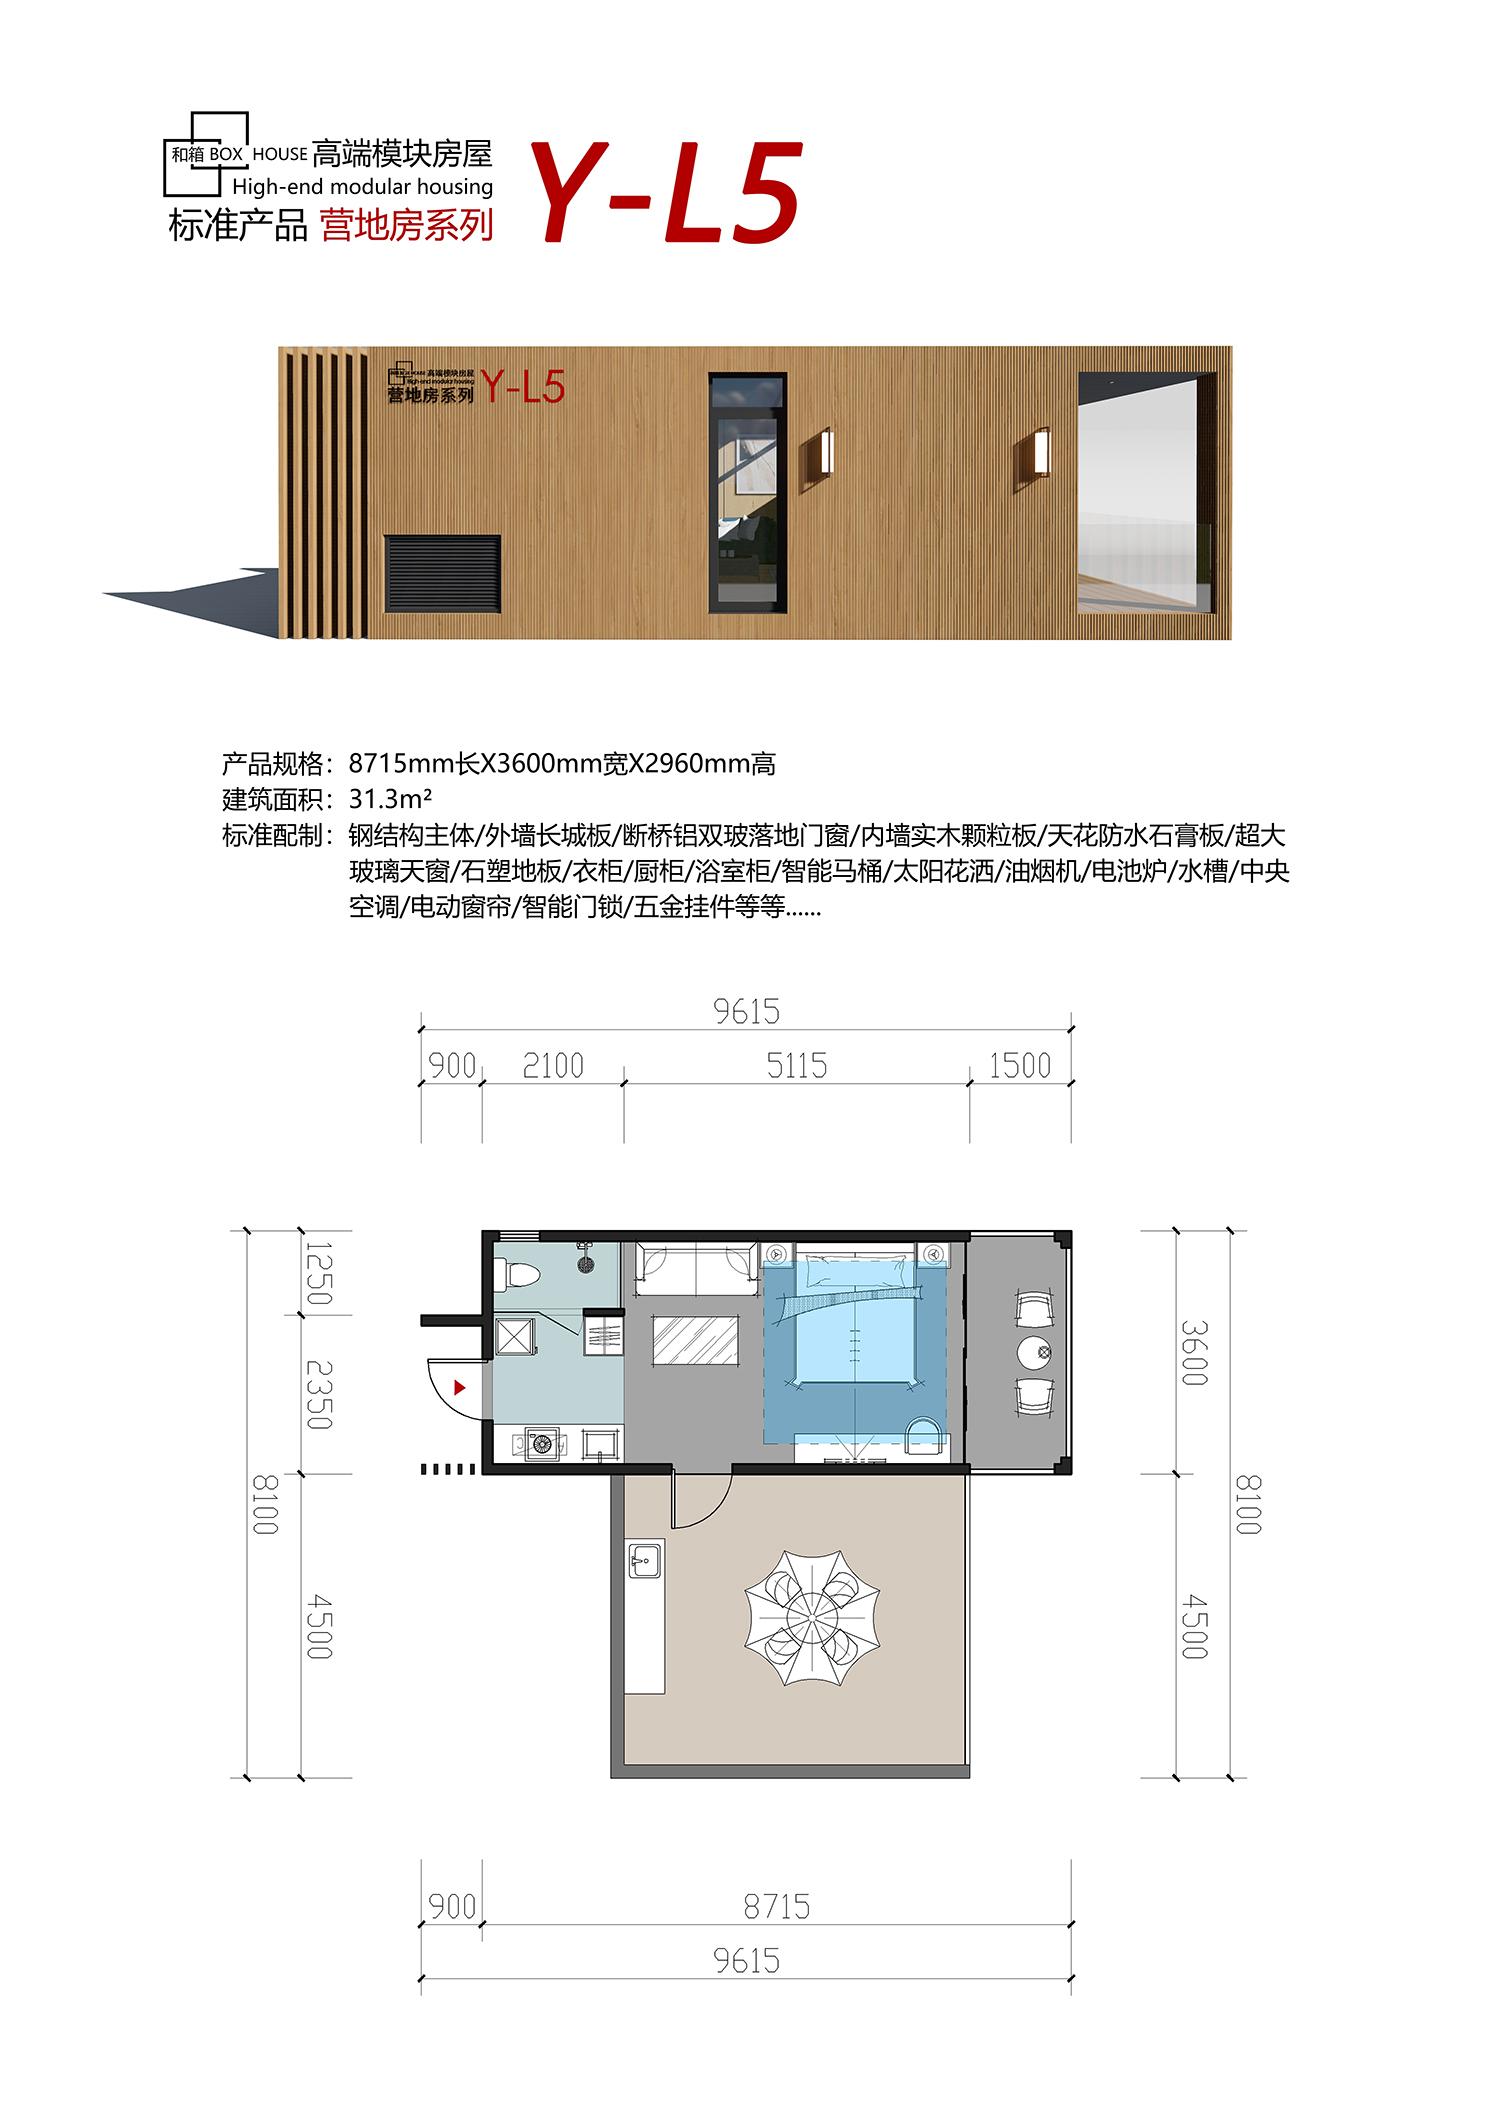 和箱装配式模块房屋